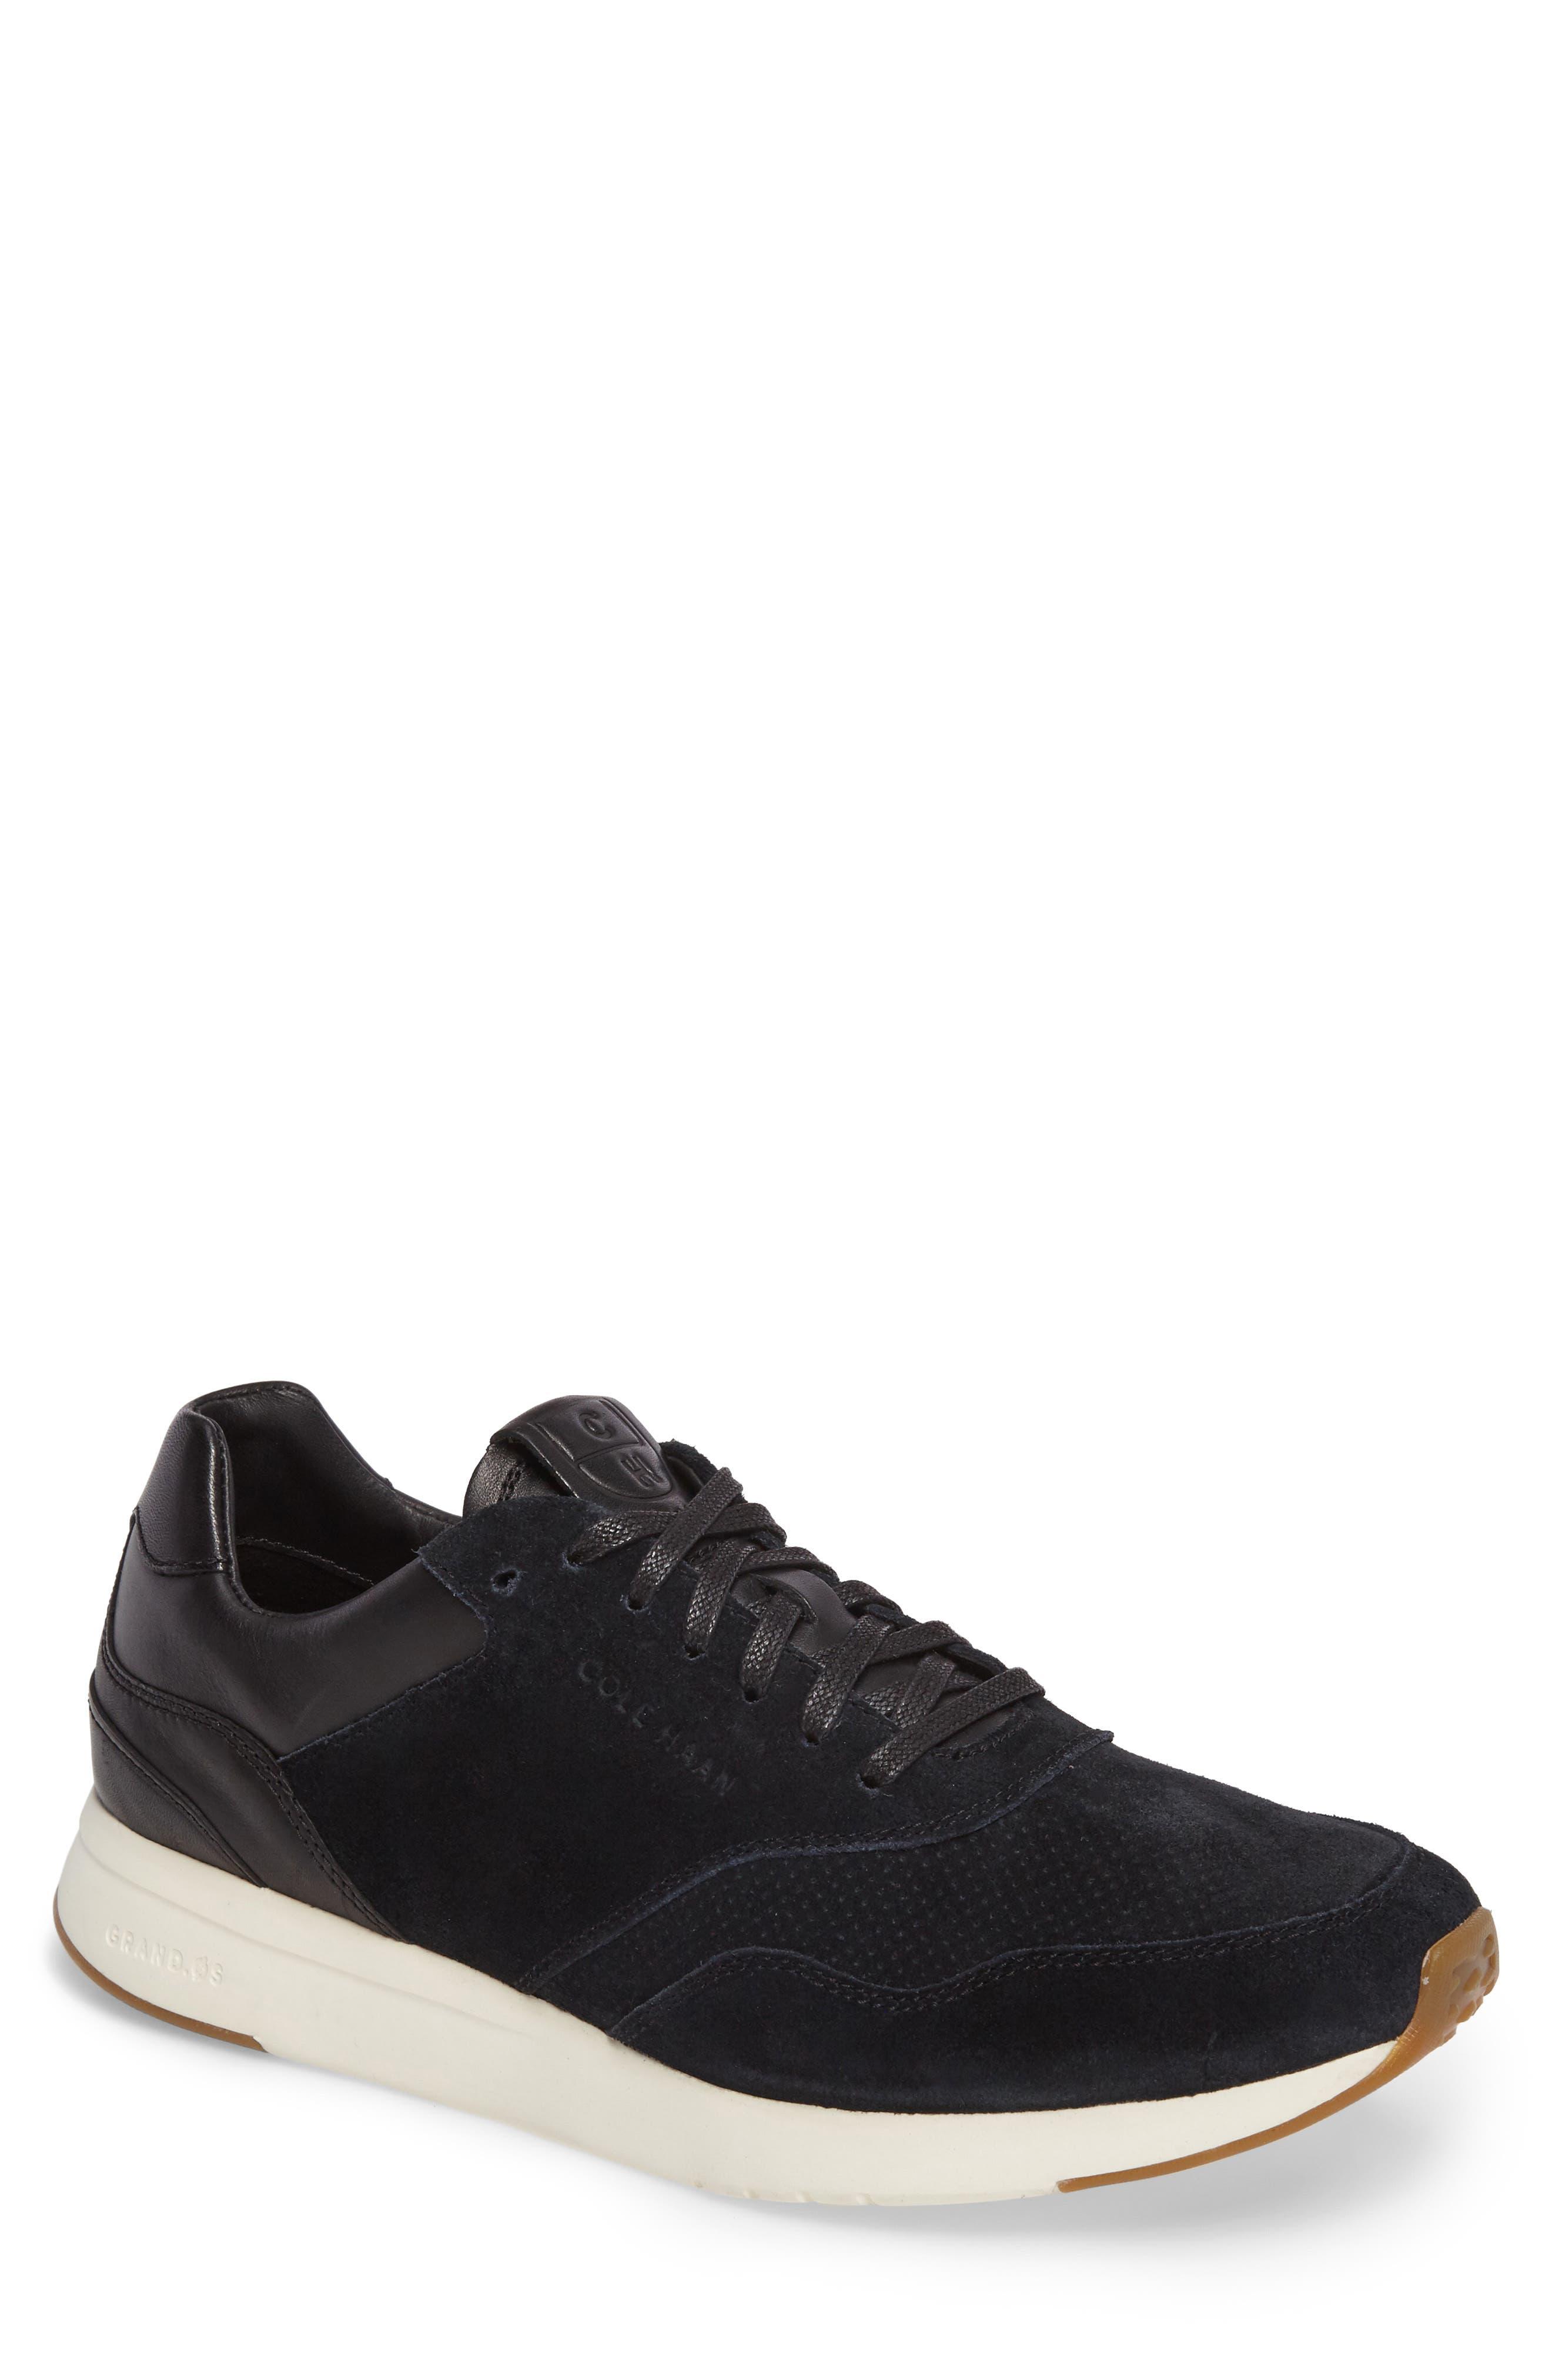 GrandPro Runner Sneaker,                         Main,                         color, Black Leather